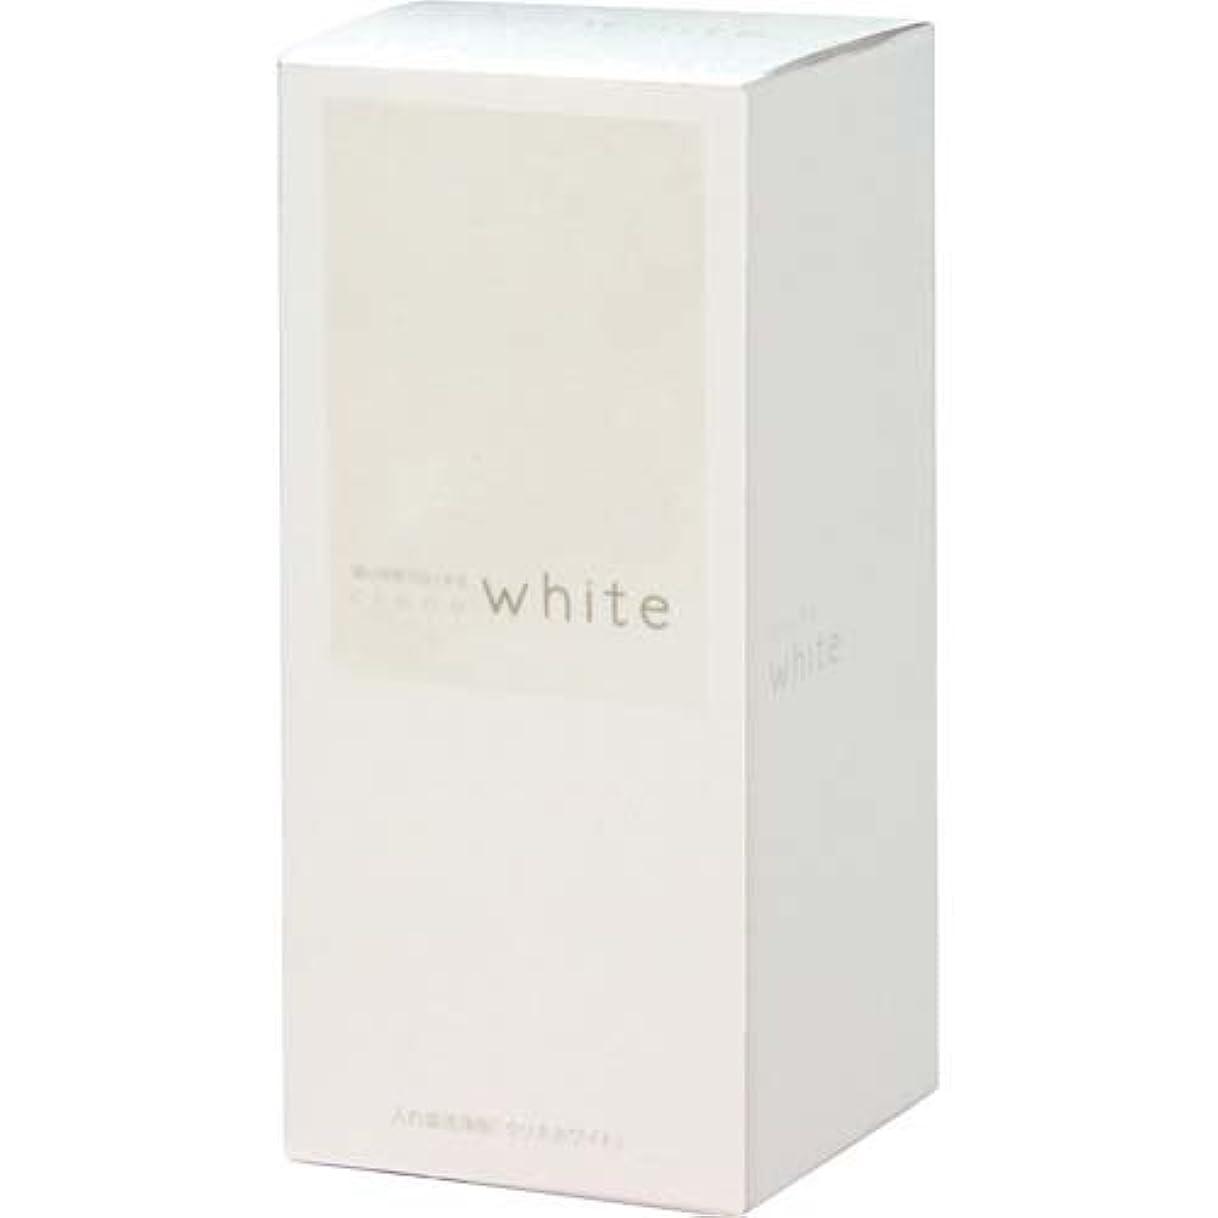 したい可塑性密短い時間で白くする 強力入れ歯洗浄剤 クリネホワイト